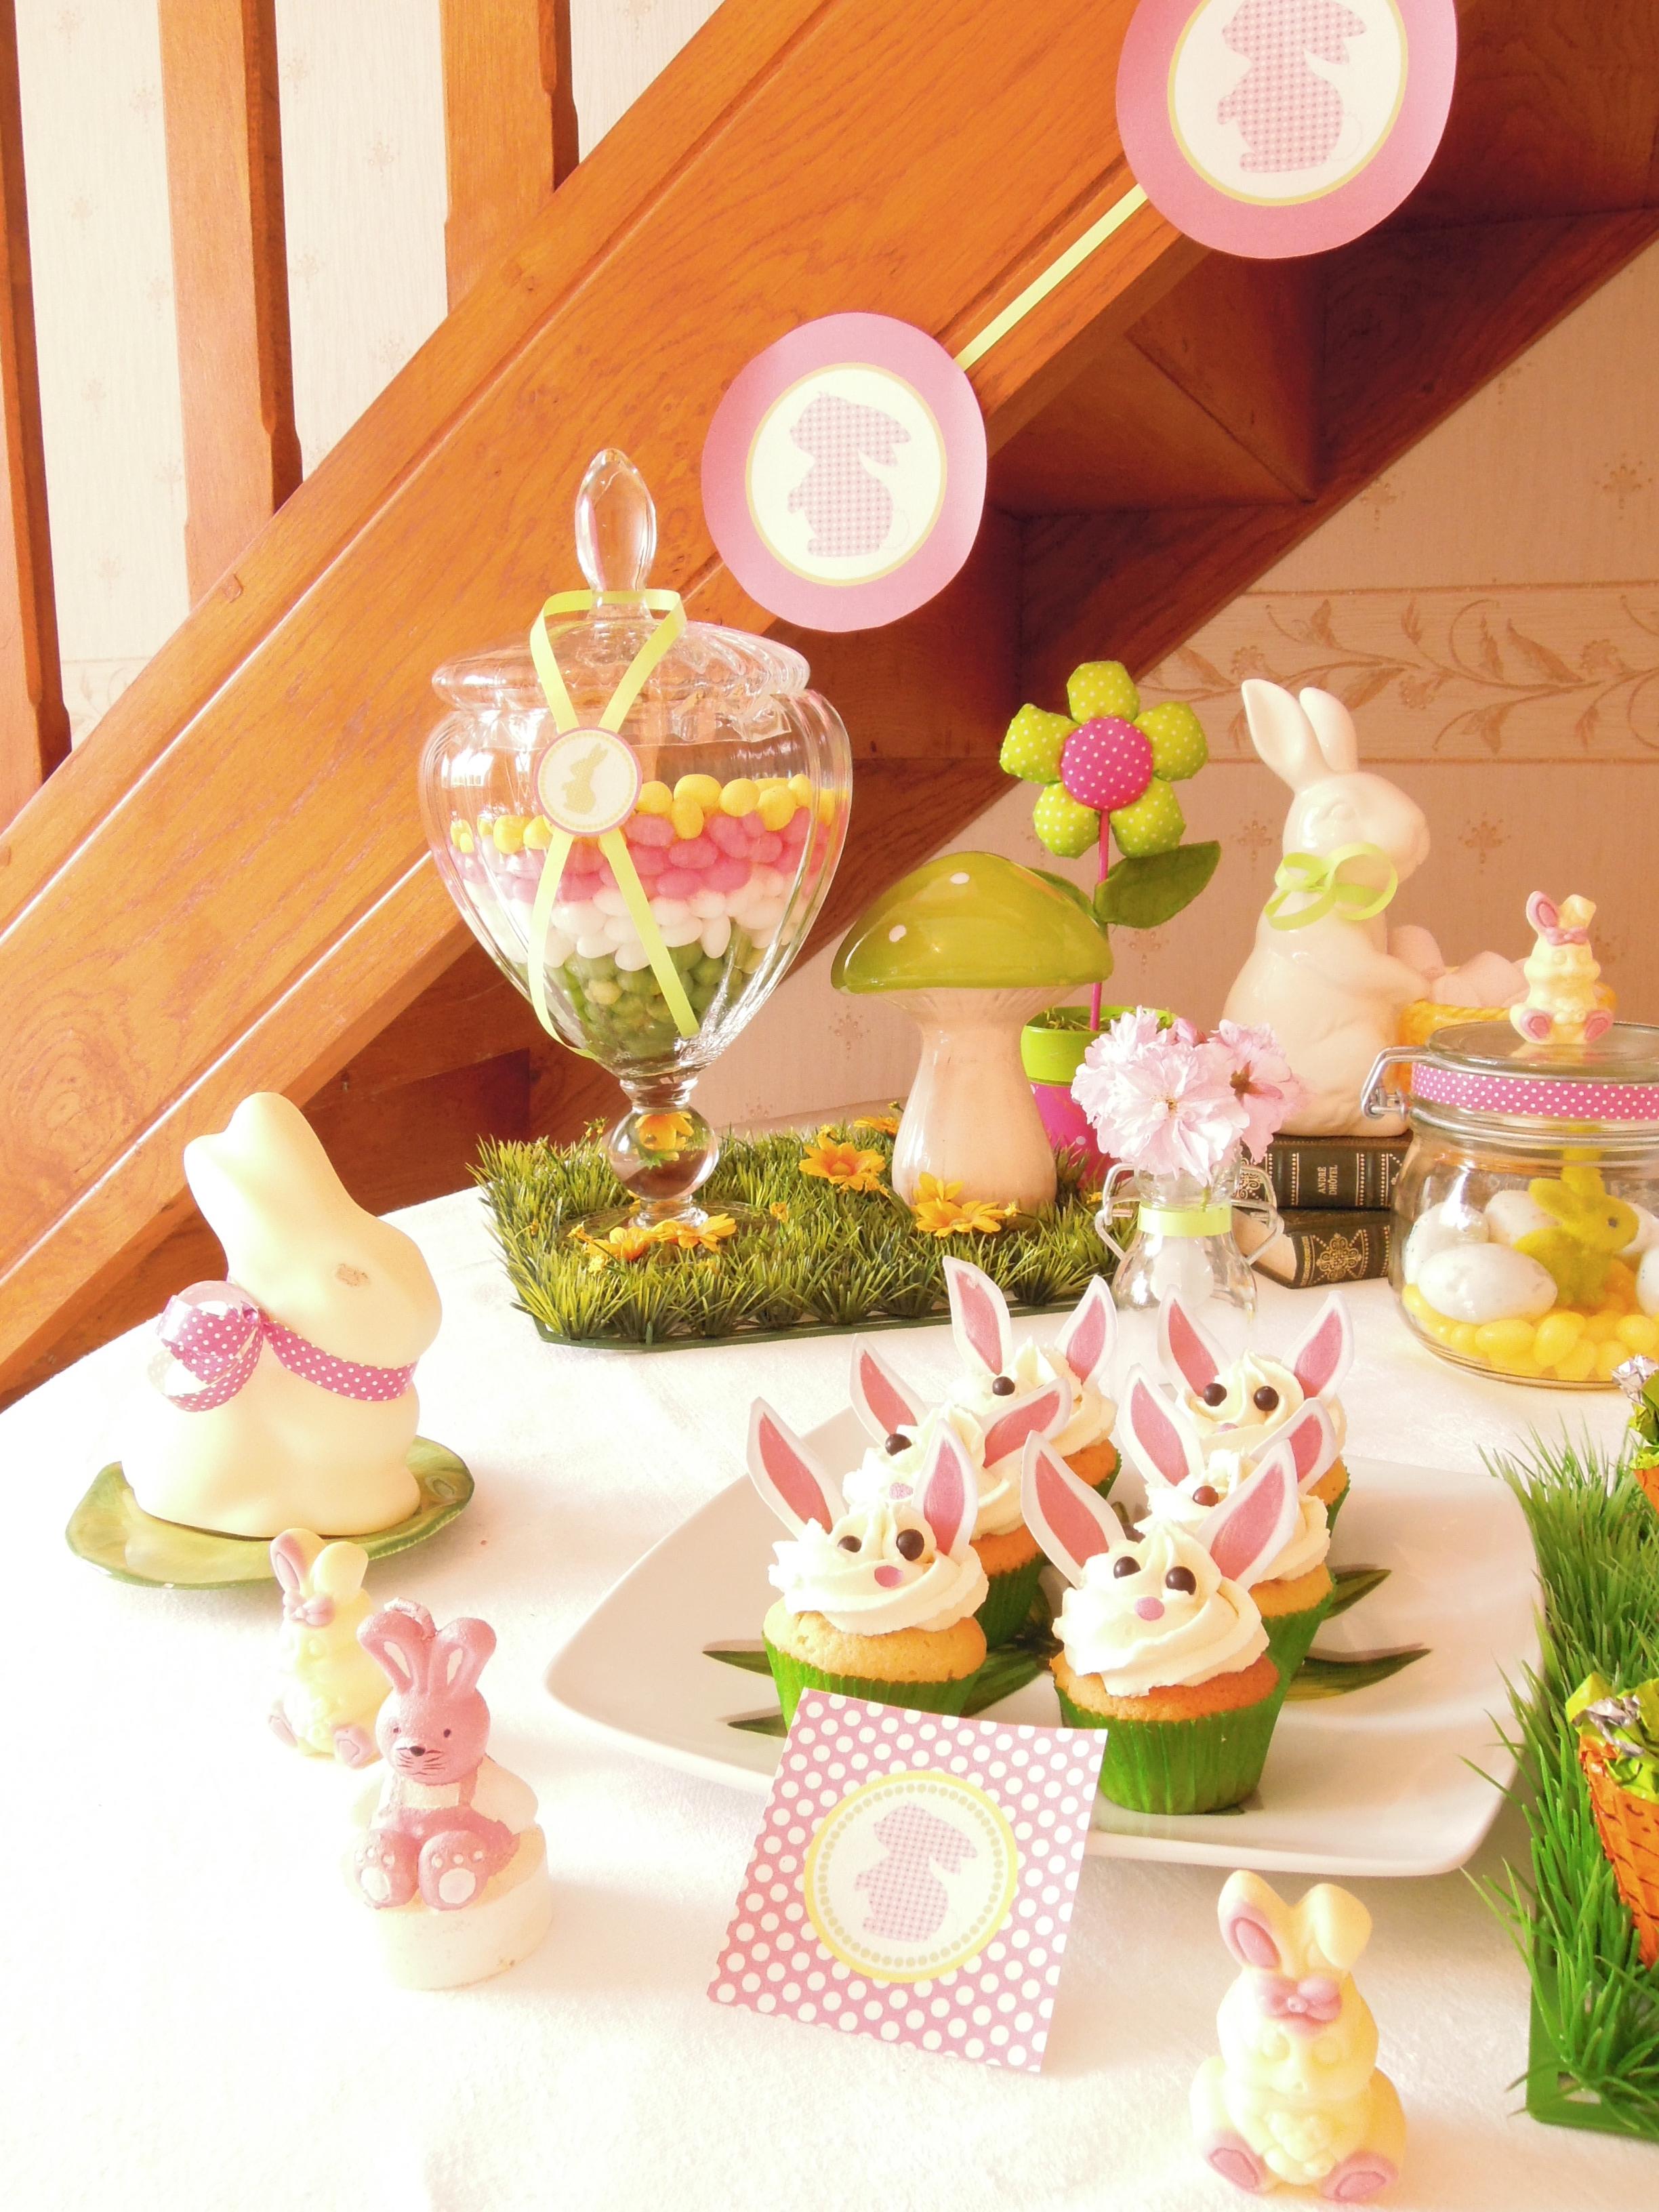 Joyeuses p ques sweet table avec la belle bulle lolit for Table de paques deco